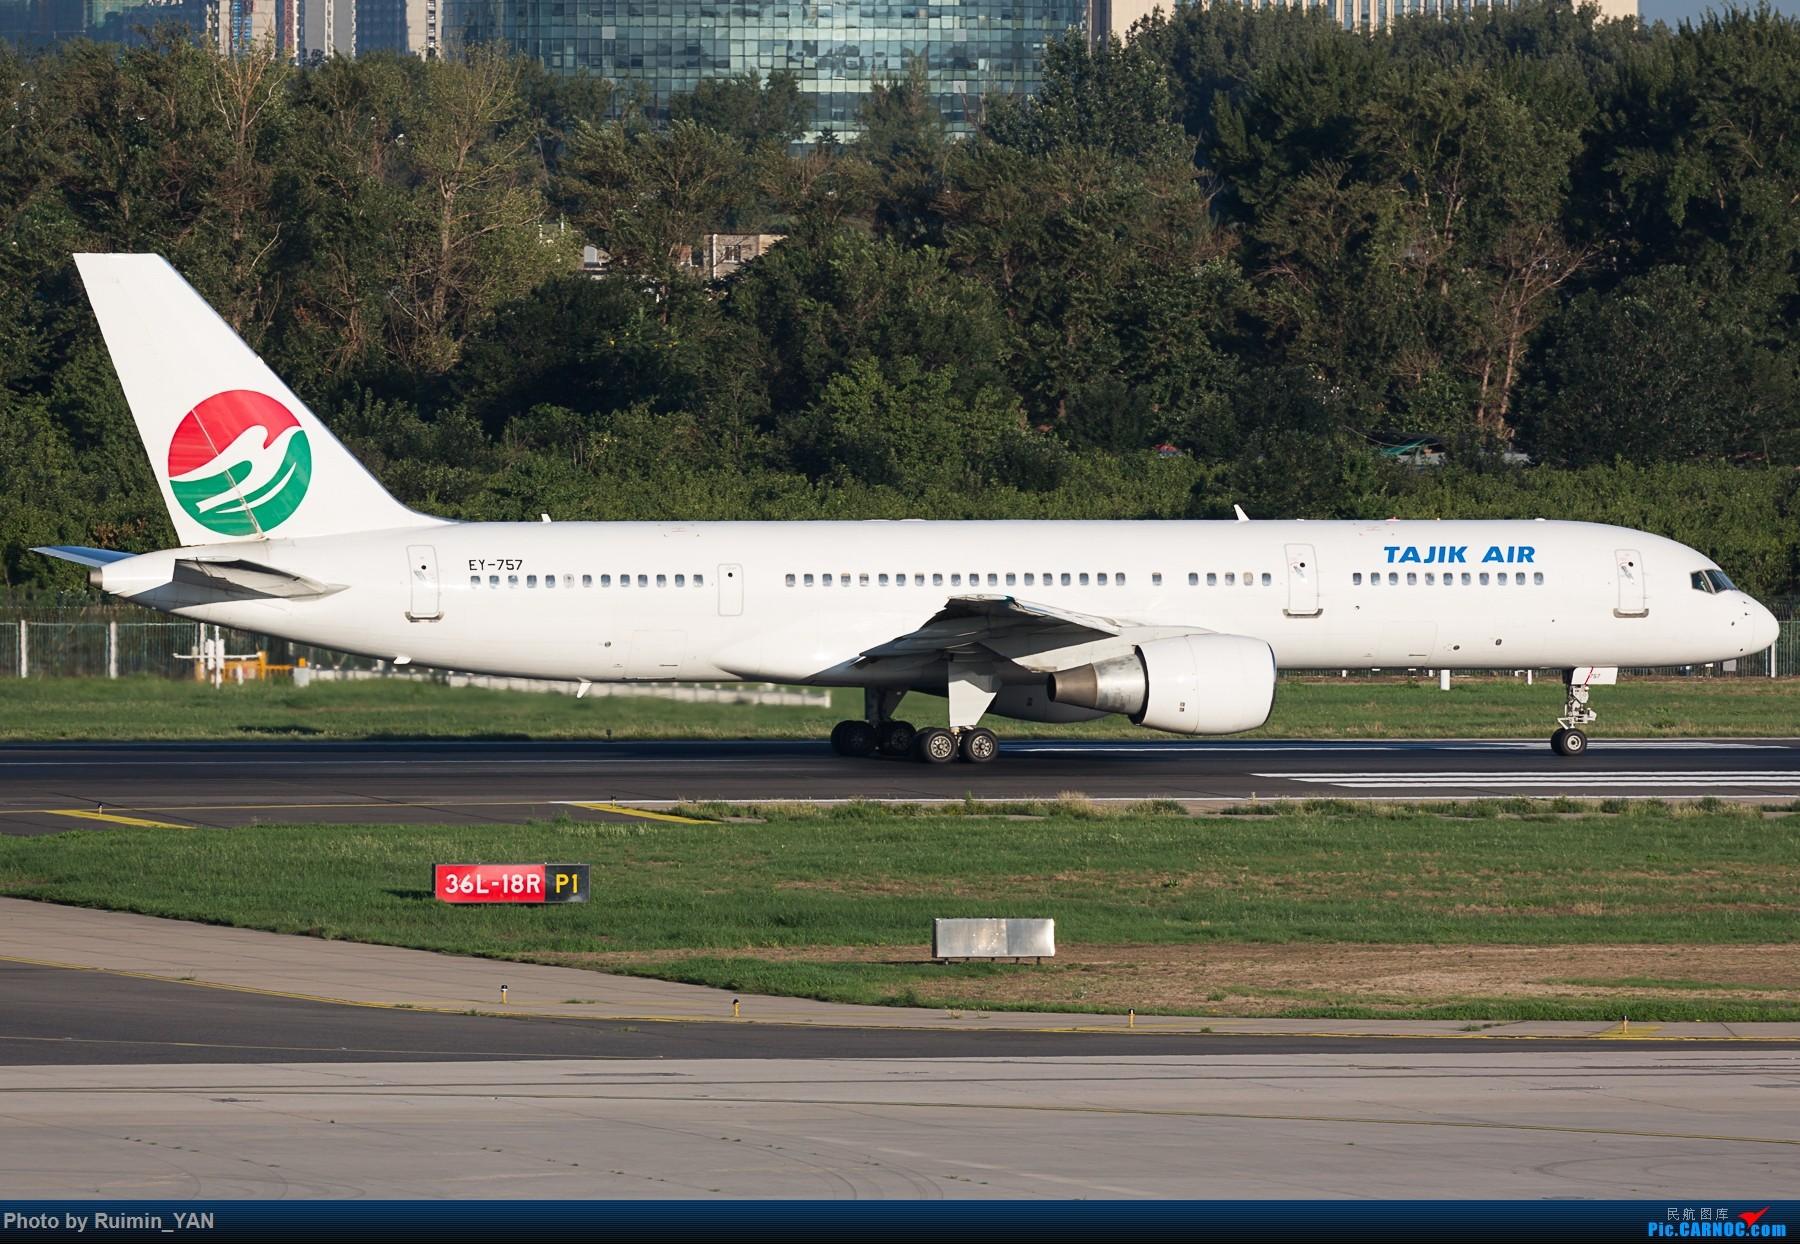 Re:【PEK】塔吉克航空(7J,Tajik Air) EY-757 B752